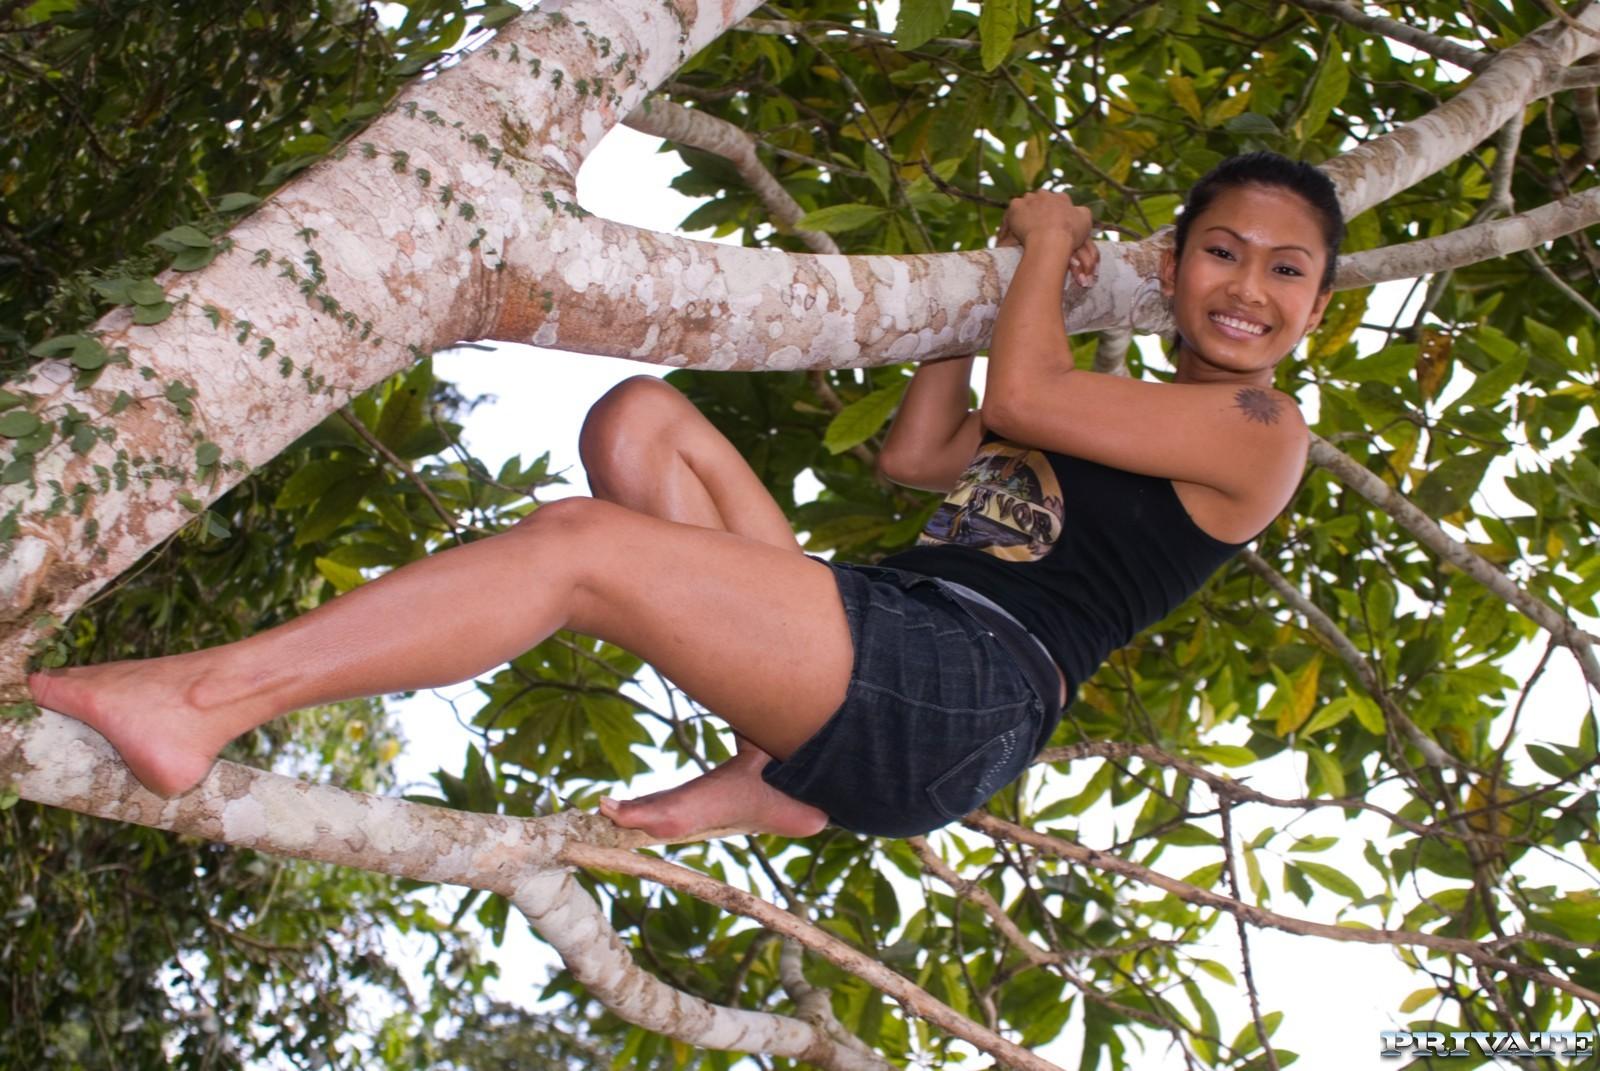 Леди из Полинезии занимается любовью на открытом воздухе